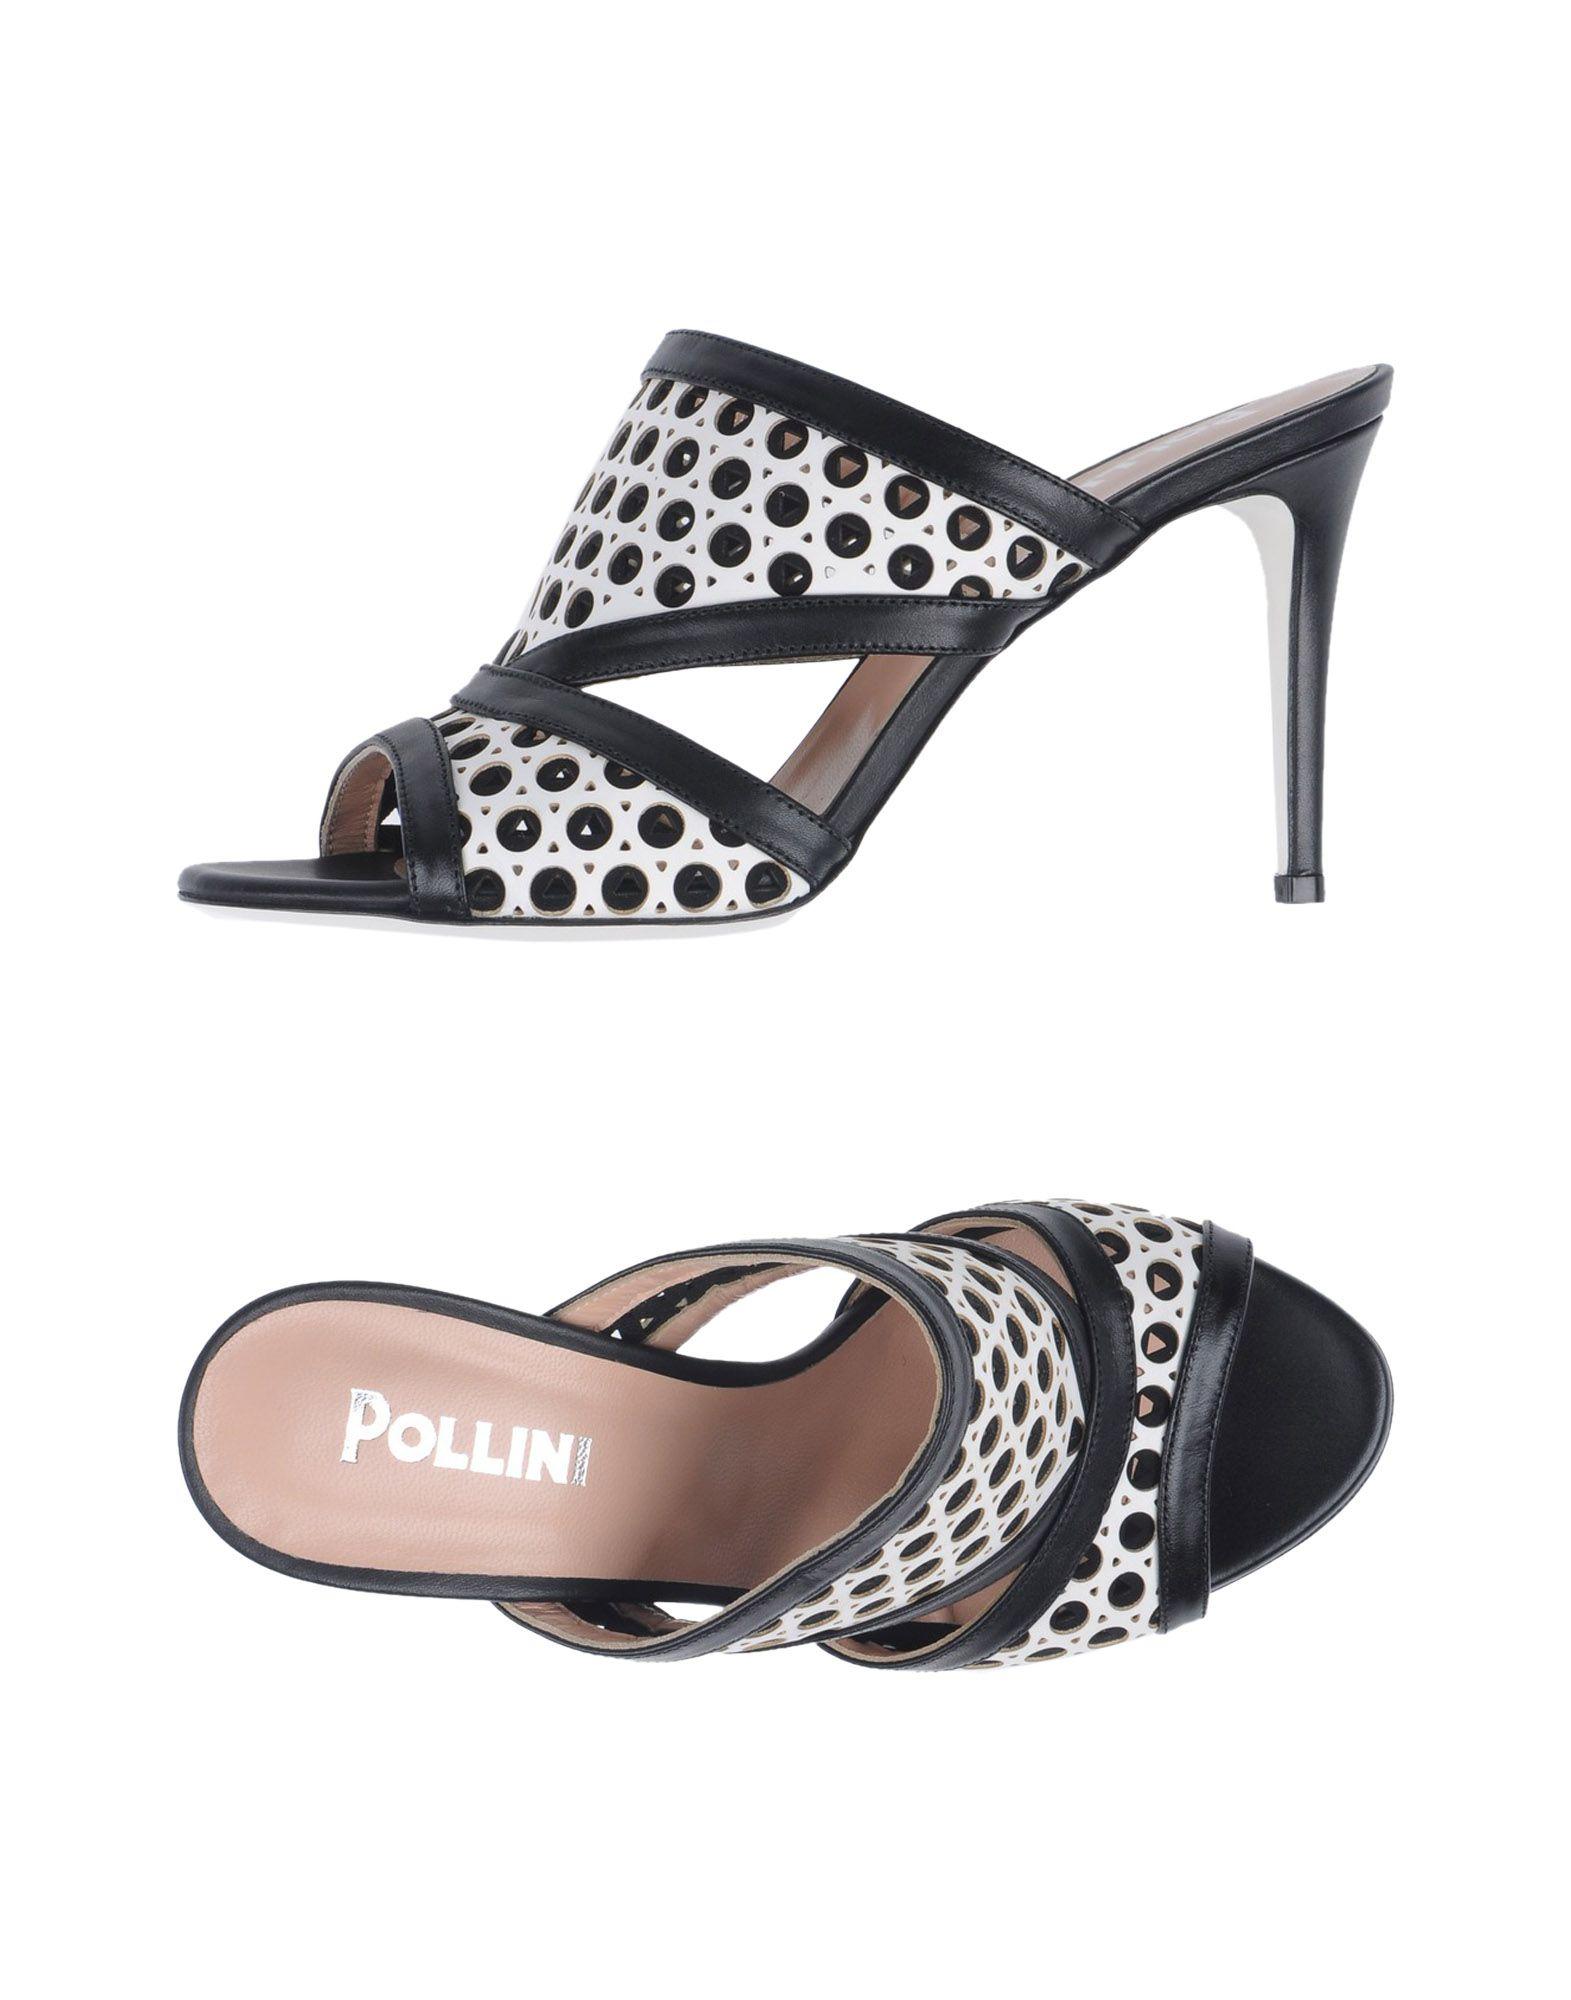 Pollini Sandalen Damen  11331455CJGut aussehende strapazierfähige Schuhe